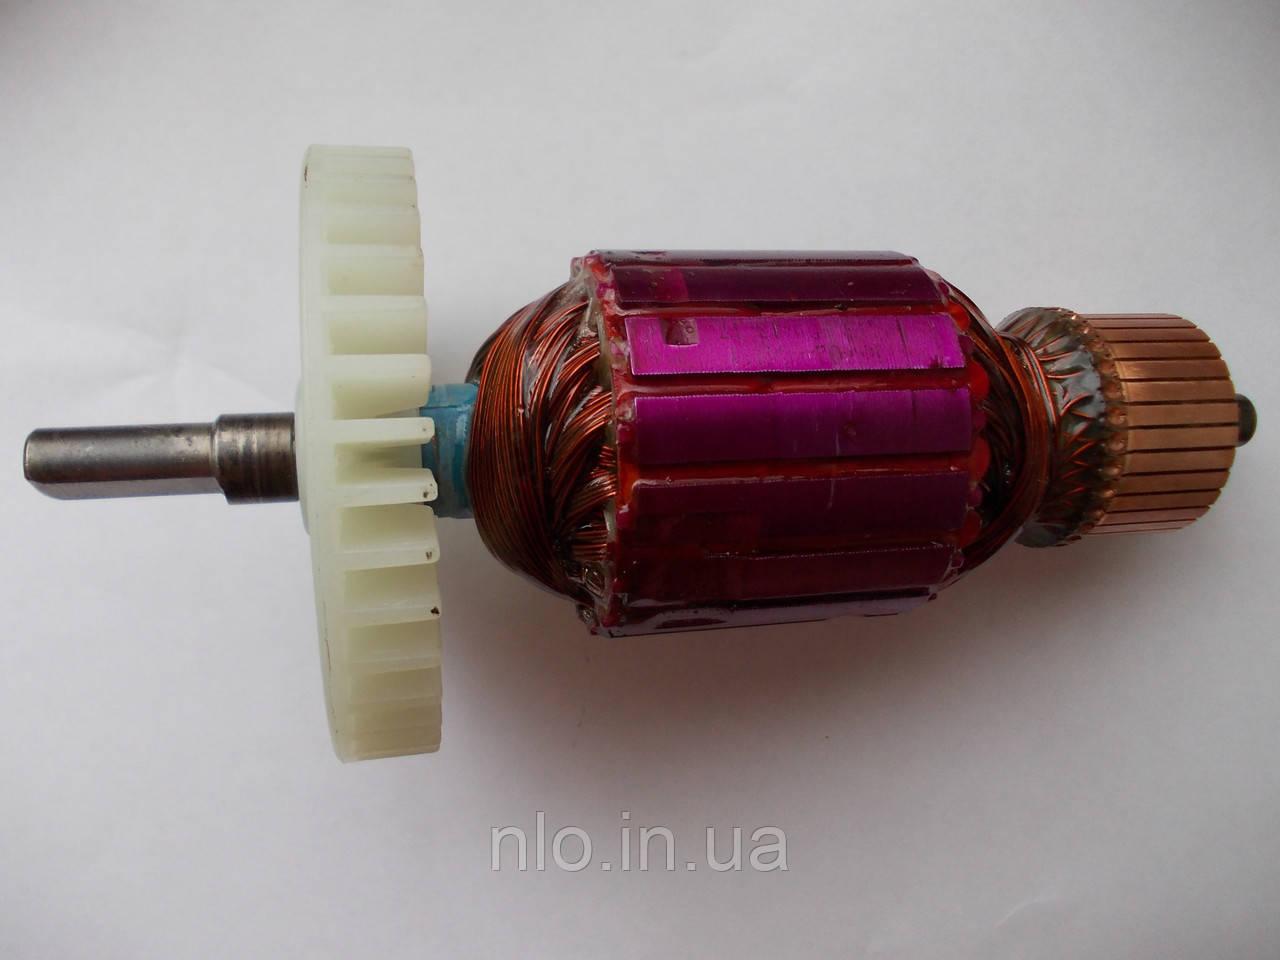 Якір для електропили ланцюгової Арсенал ПЦ 2200 (180х54)